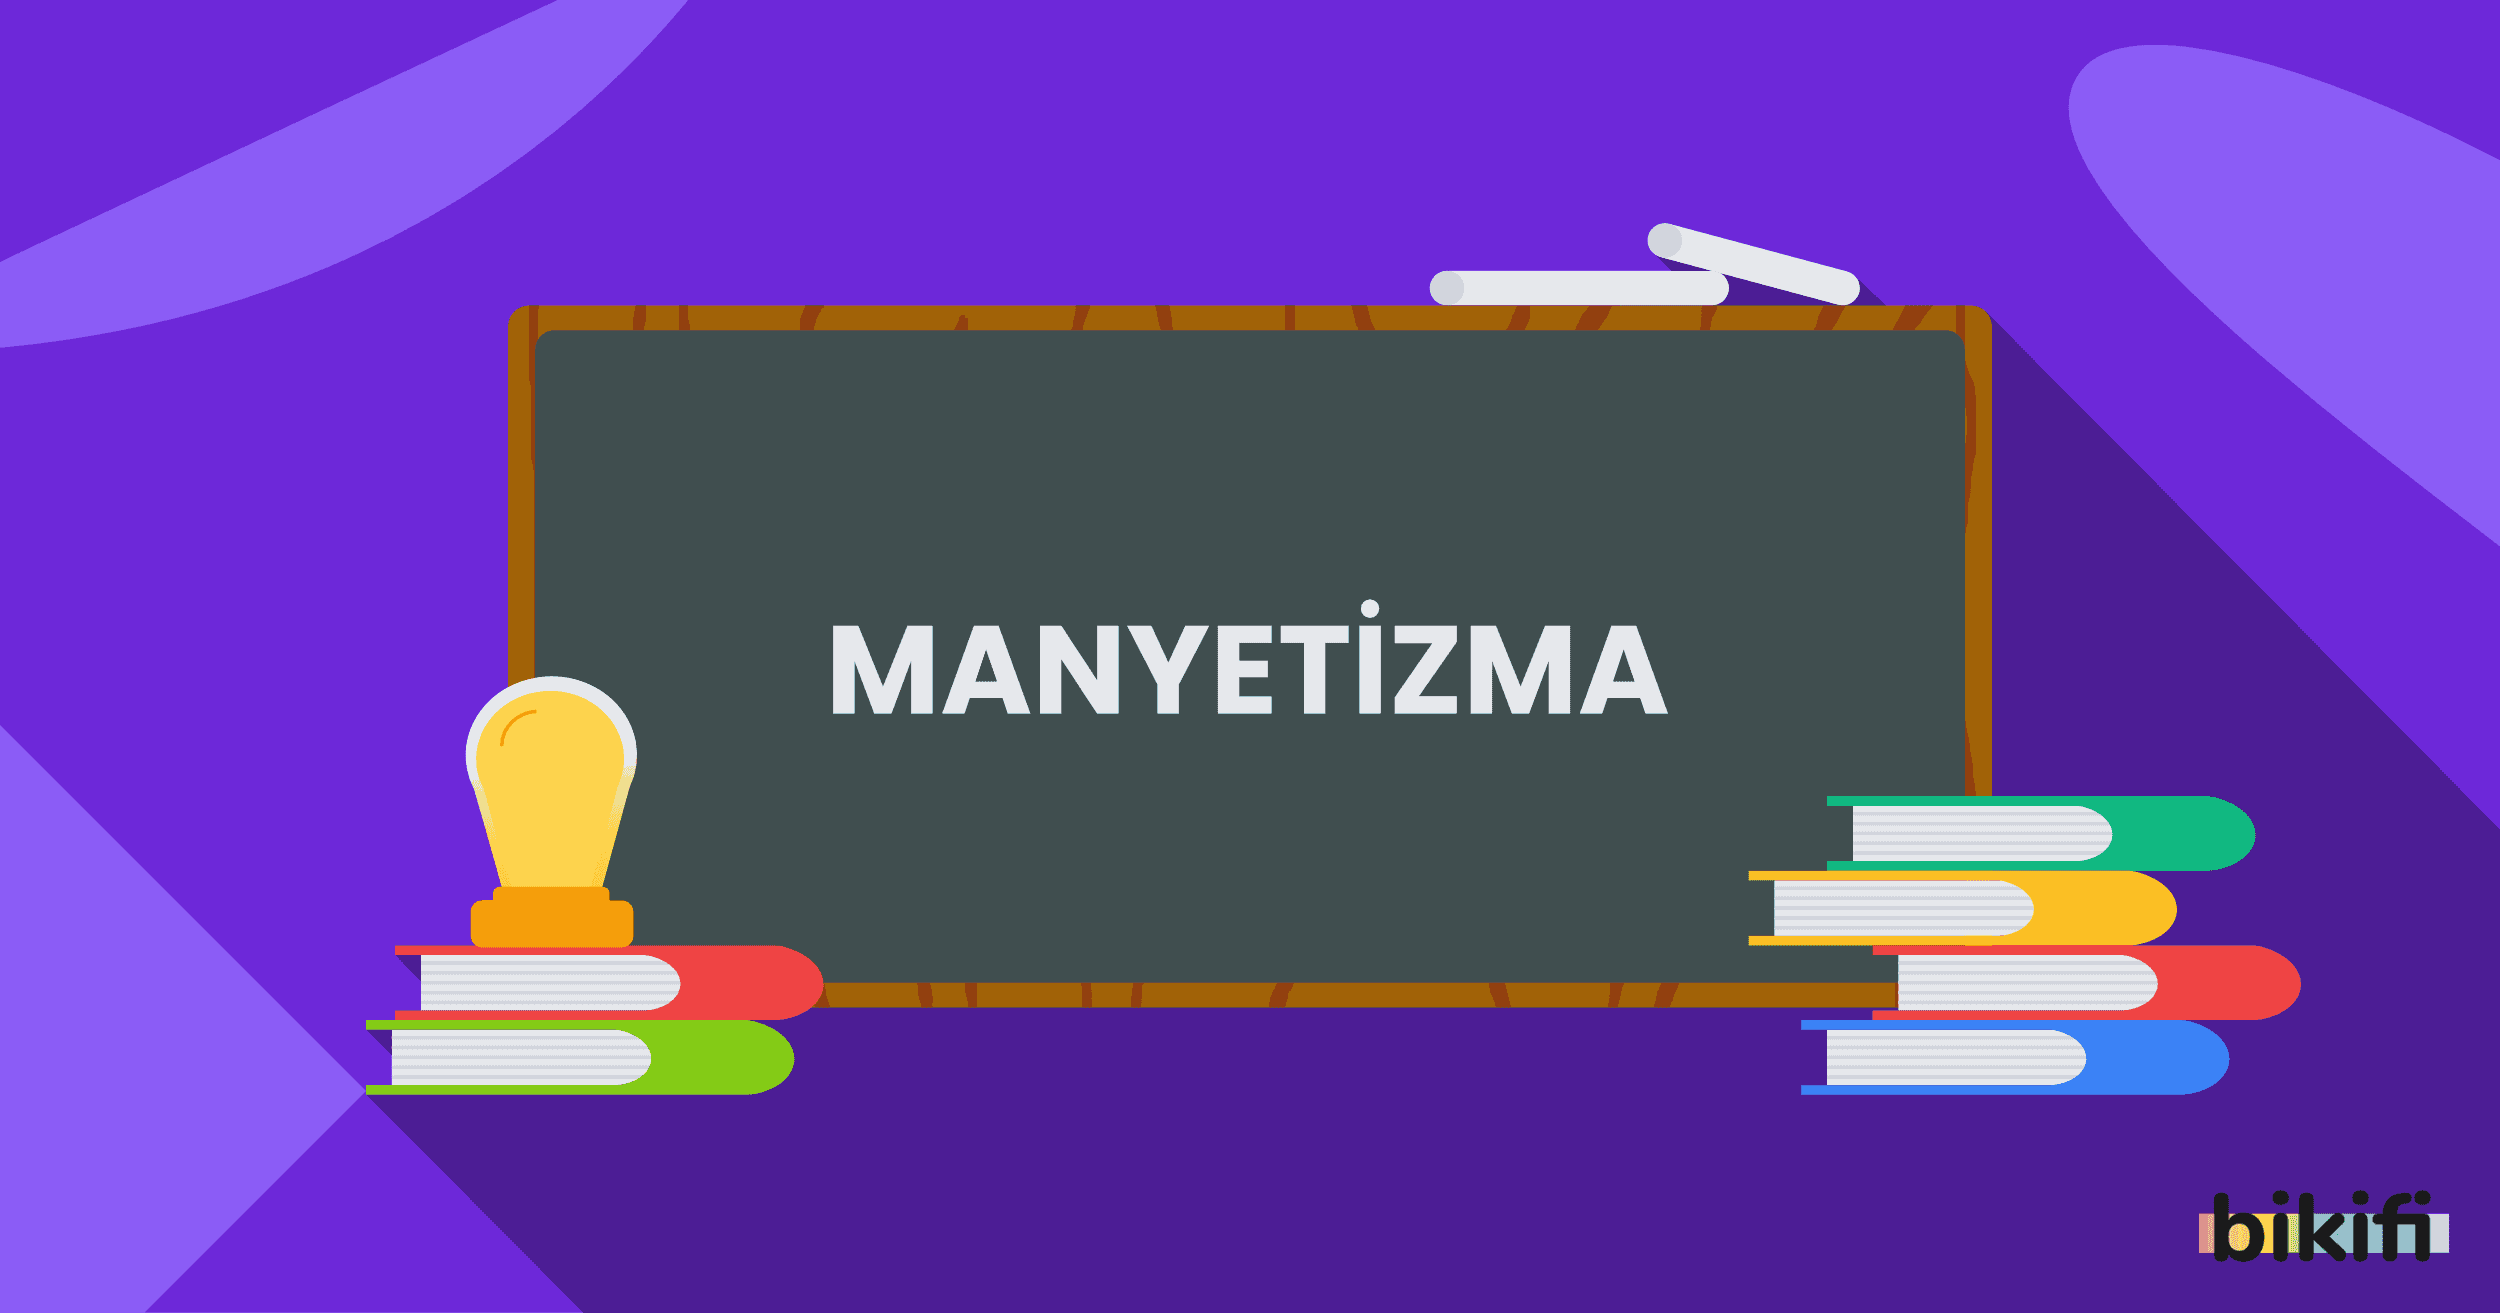 Manyetizma